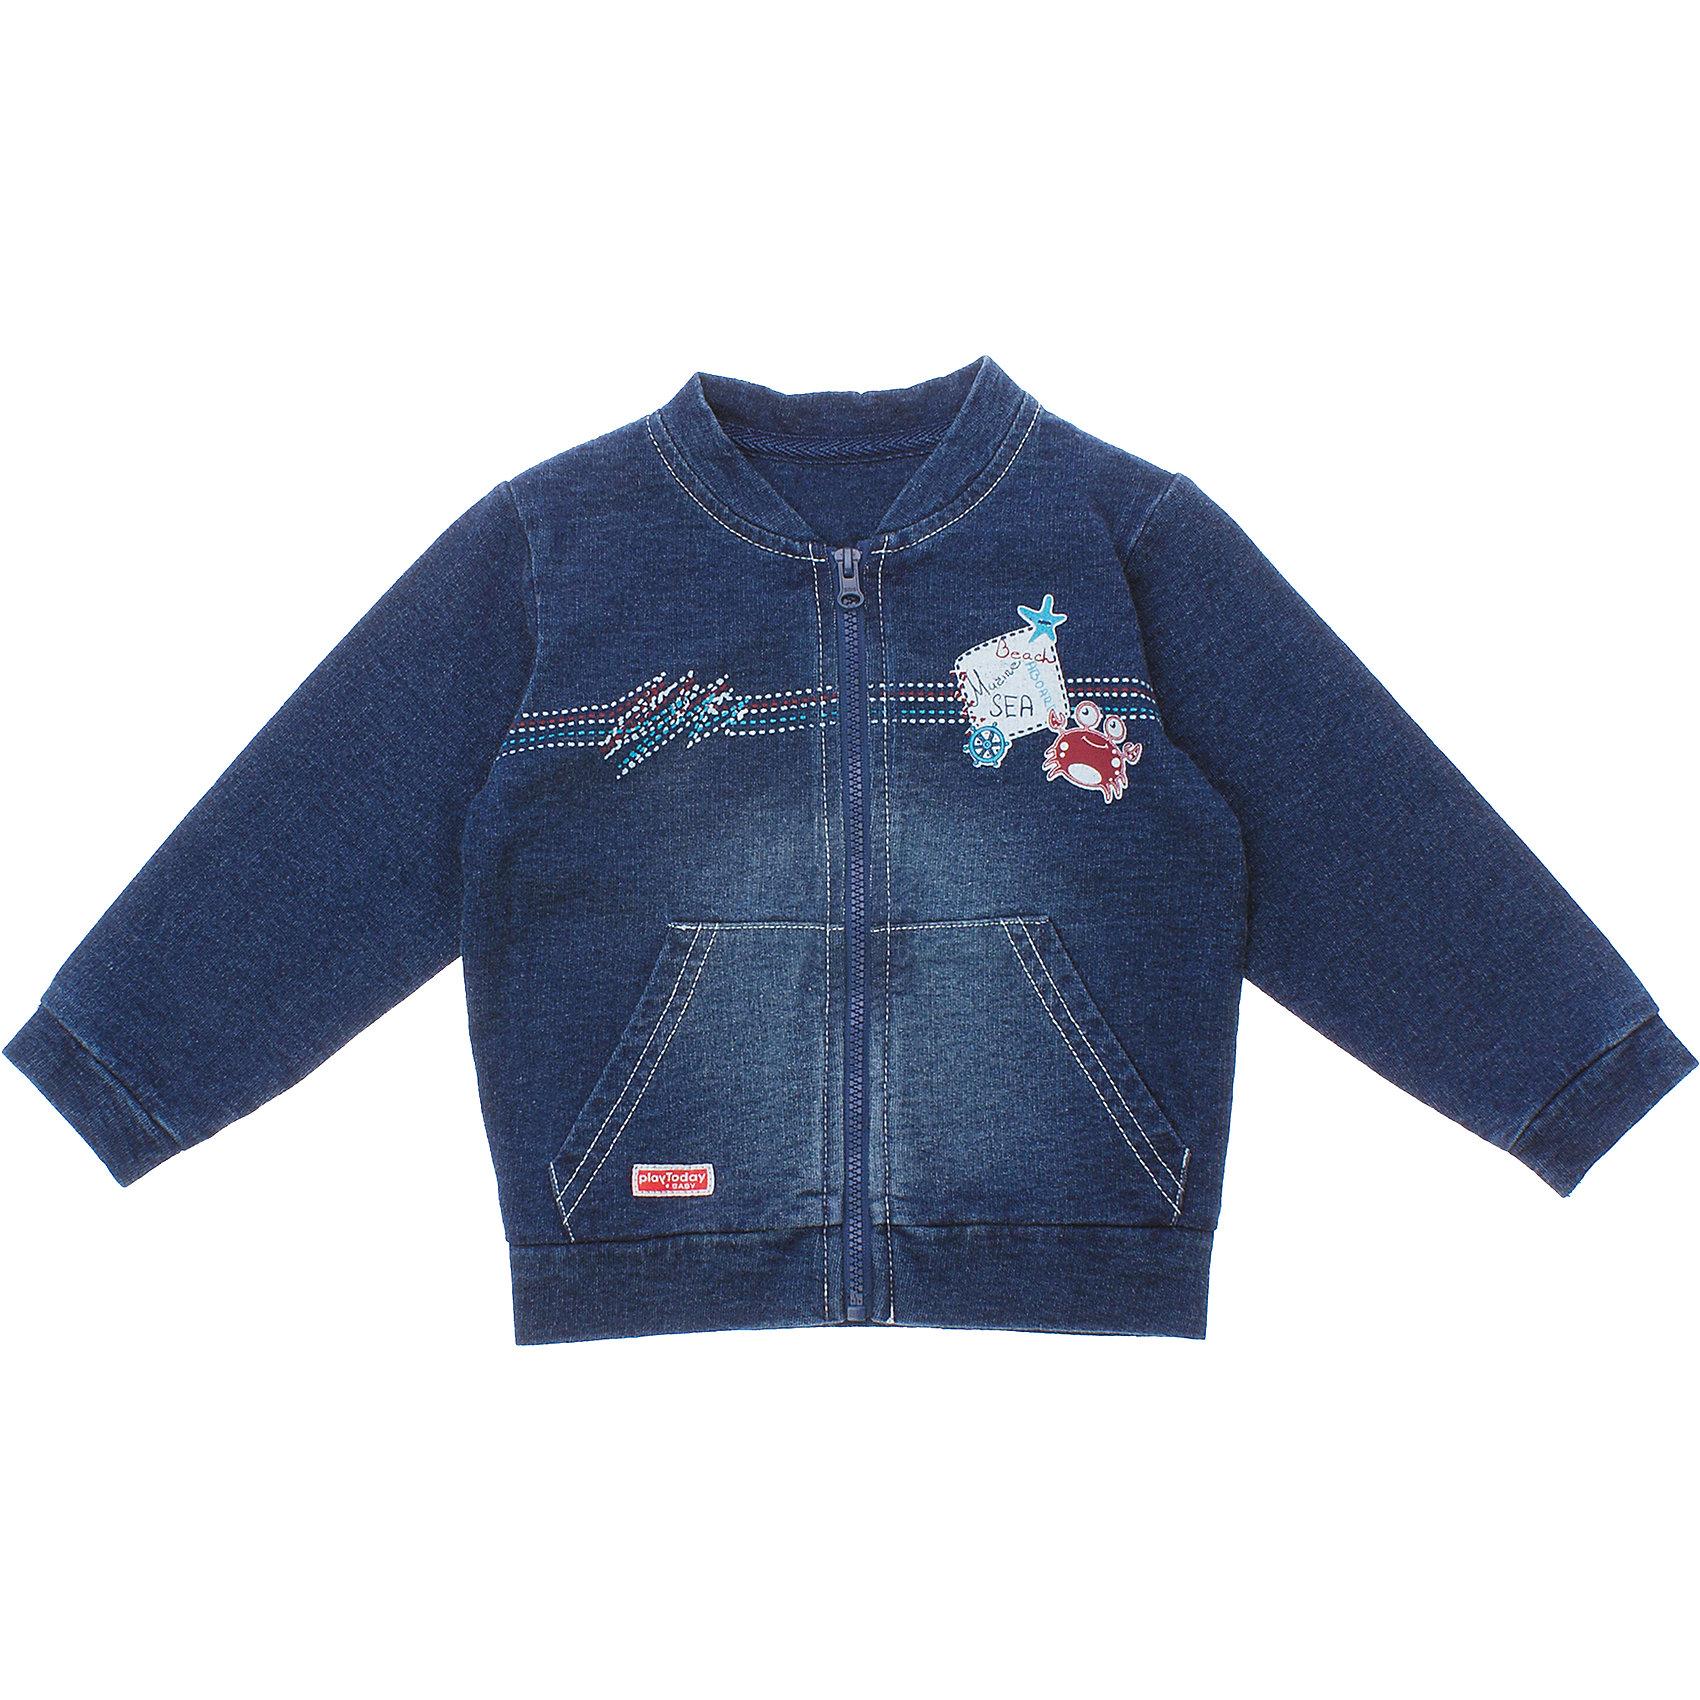 Куртка джинсовая для мальчика PlayTodayВерхняя одежда<br>Кофточка для мальчика PlayToday <br><br>Состав: 100% хлопок <br><br>Материал - футтер с имитацией денима.<br>Застегивается на молнию.<br>Рукава и низ на резинке.<br>Есть два кармашка.<br>Украшена резиновым принтом с крабом.<br><br>Ширина мм: 157<br>Глубина мм: 13<br>Высота мм: 119<br>Вес г: 200<br>Цвет: синий<br>Возраст от месяцев: 0<br>Возраст до месяцев: 3<br>Пол: Мужской<br>Возраст: Детский<br>Размер: 56,62,74,68<br>SKU: 4502967